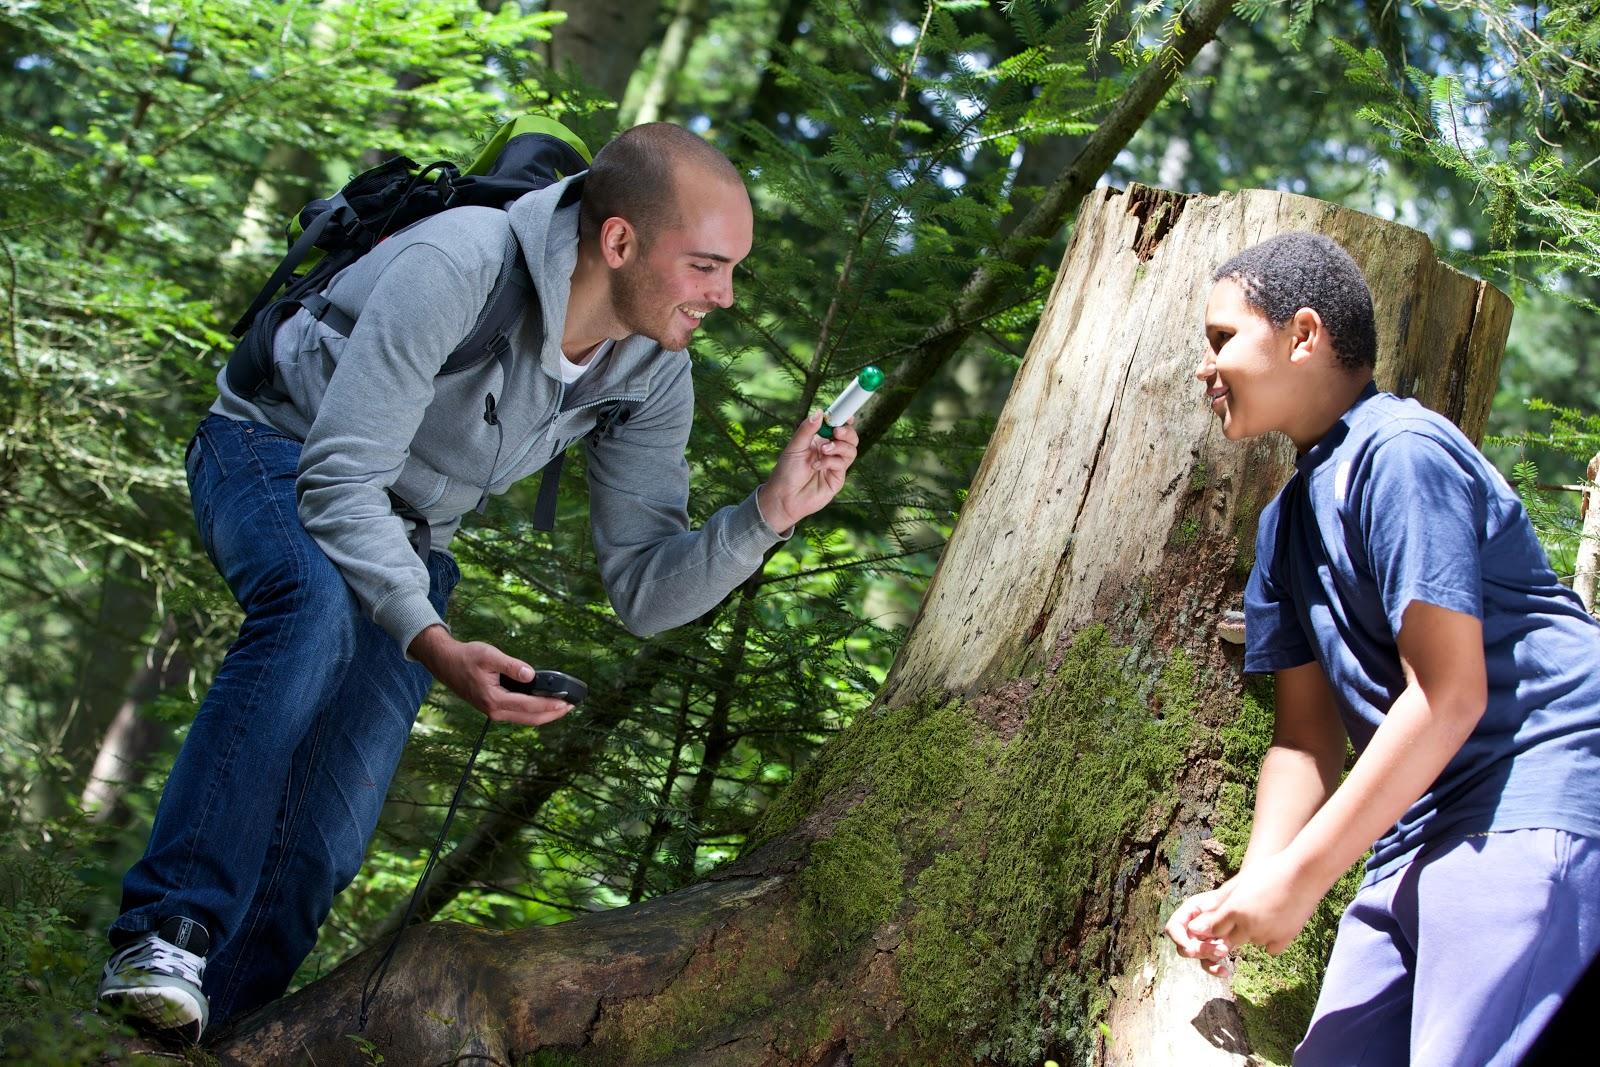 Hier siehst Du zwei junge Männer im Wald mit einem GPS-Gerät in der Hand